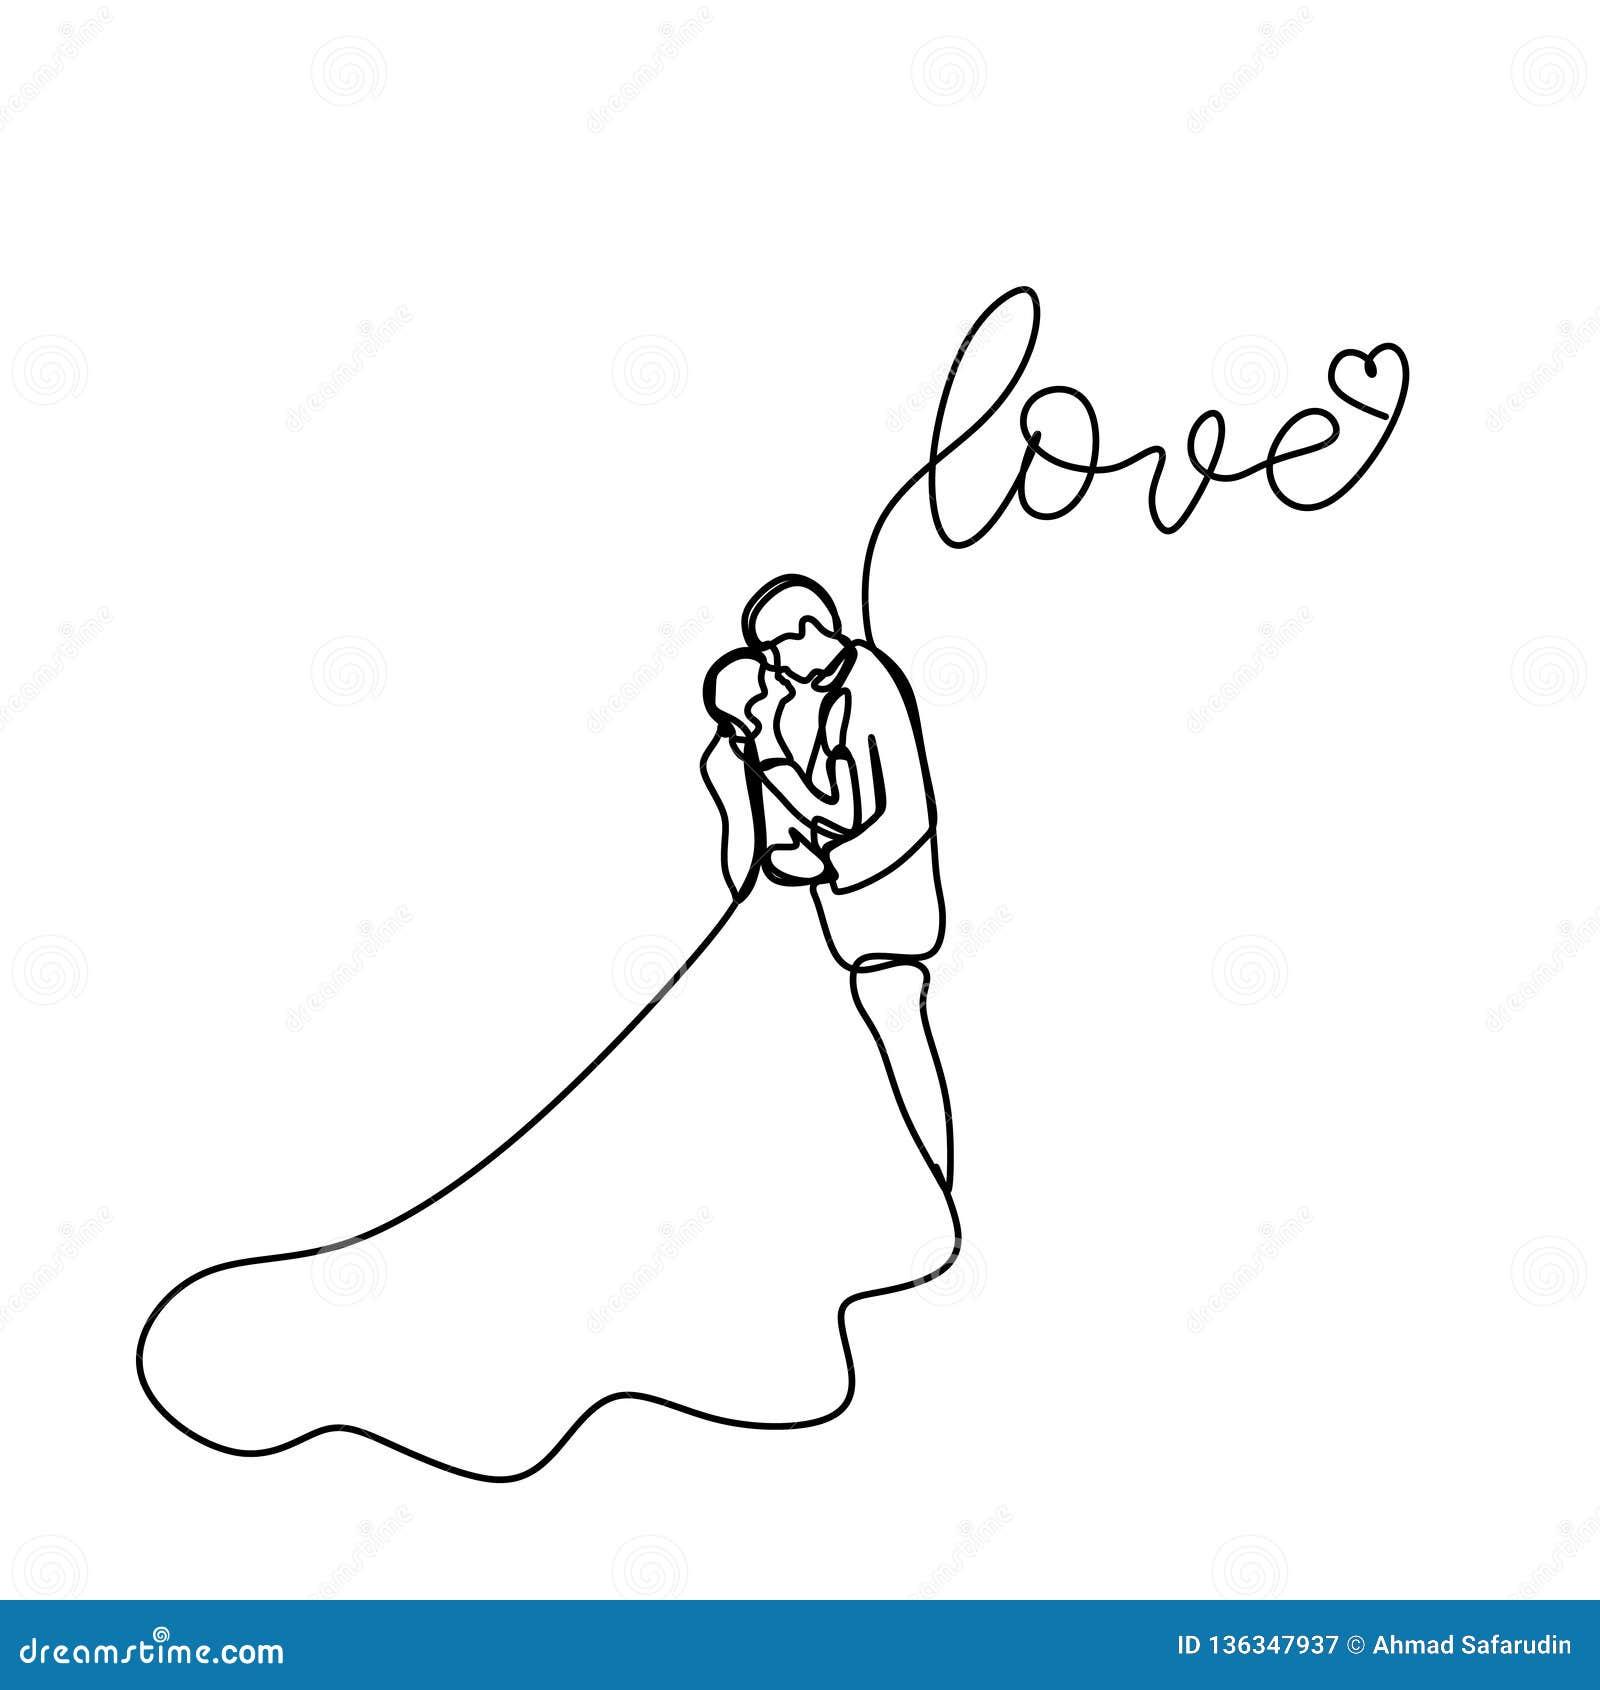 Dibujo Lineal Continuo De Pares Románticos En Escardar El